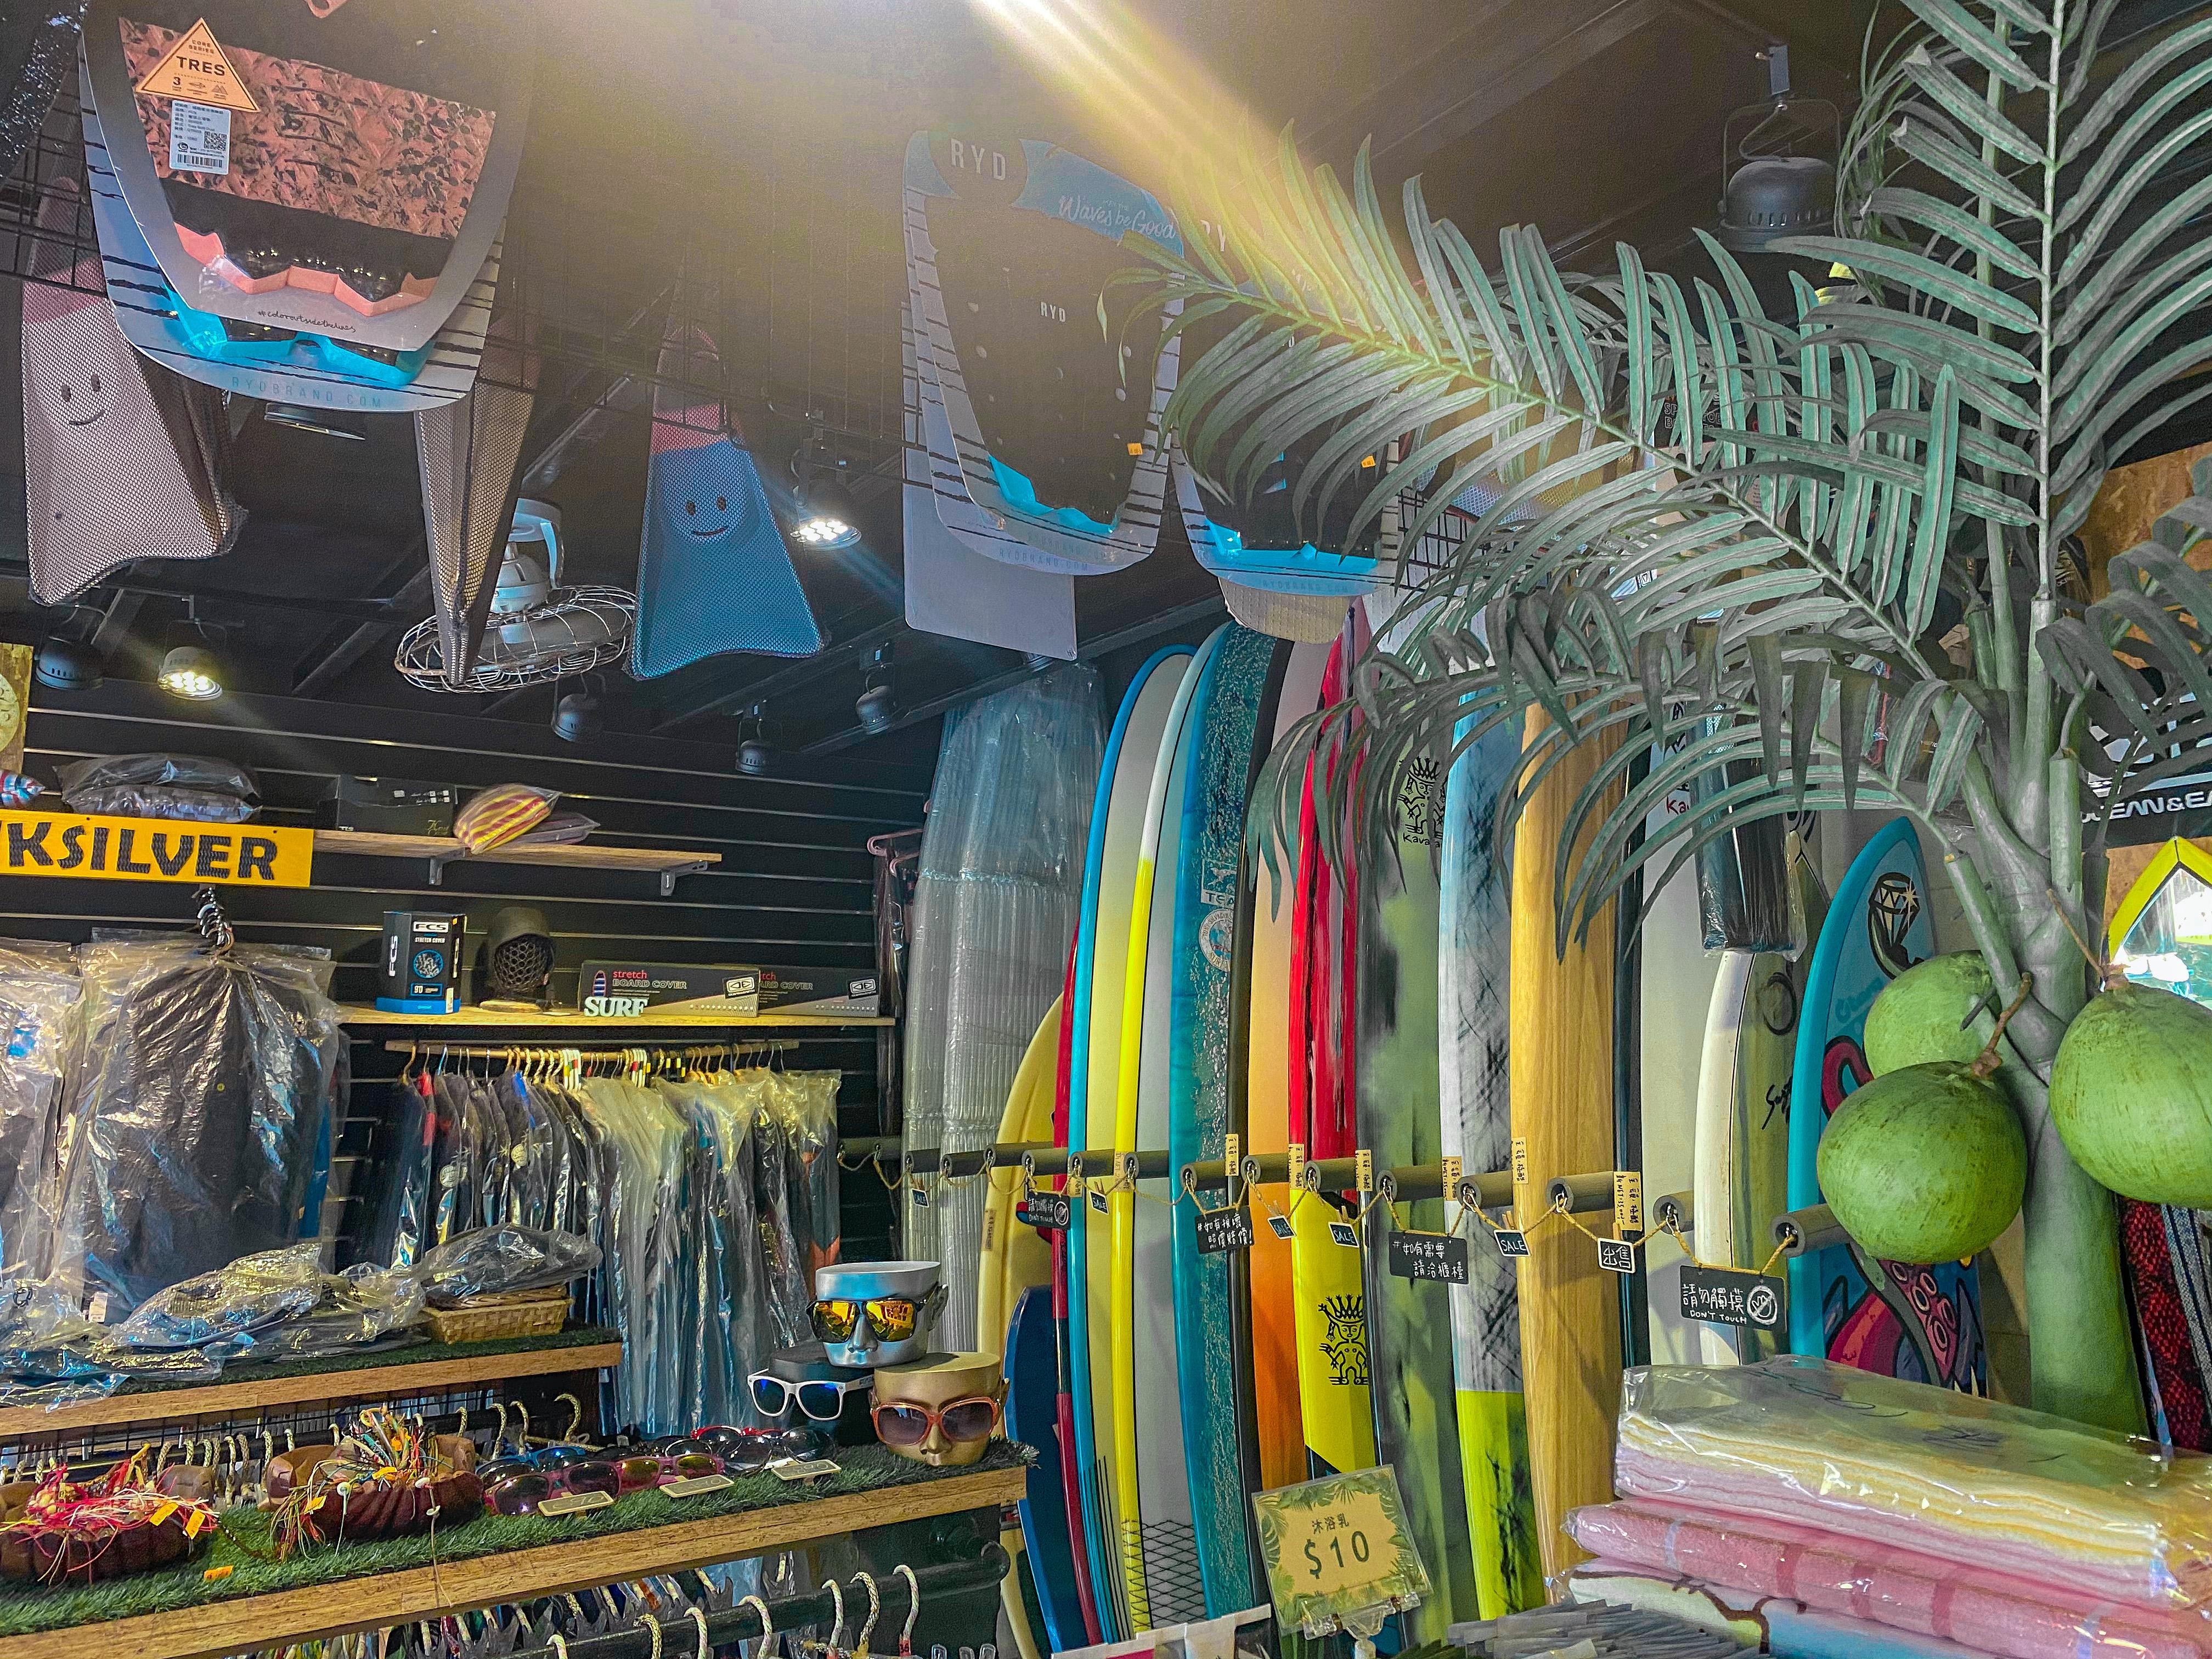 宜蘭烏石港衝浪推薦|極酷衝浪俱樂部 | 新手衝浪課程心得